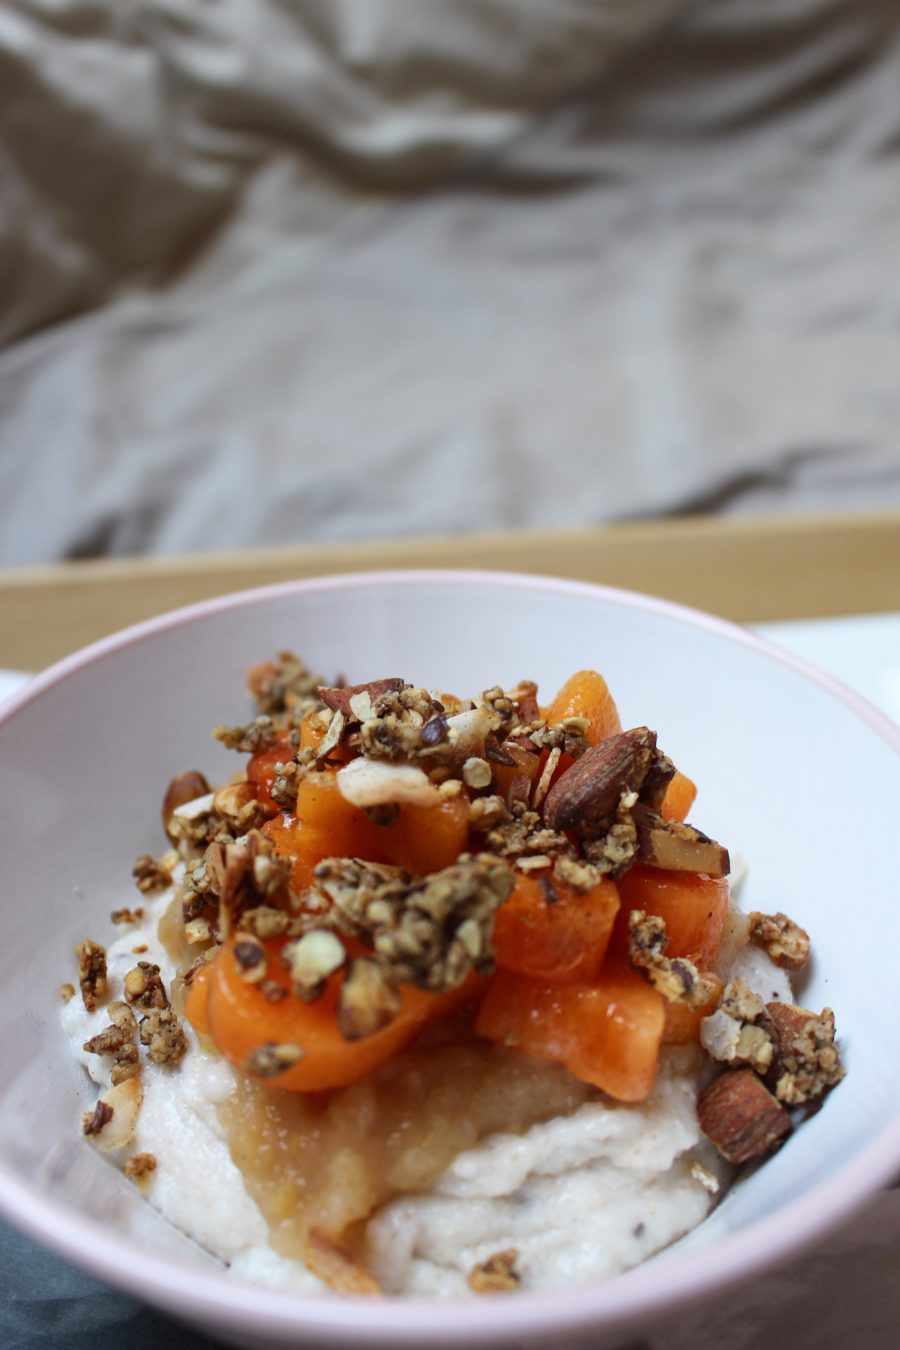 cremiger Grießbrei mit Apfelmus und Kaki